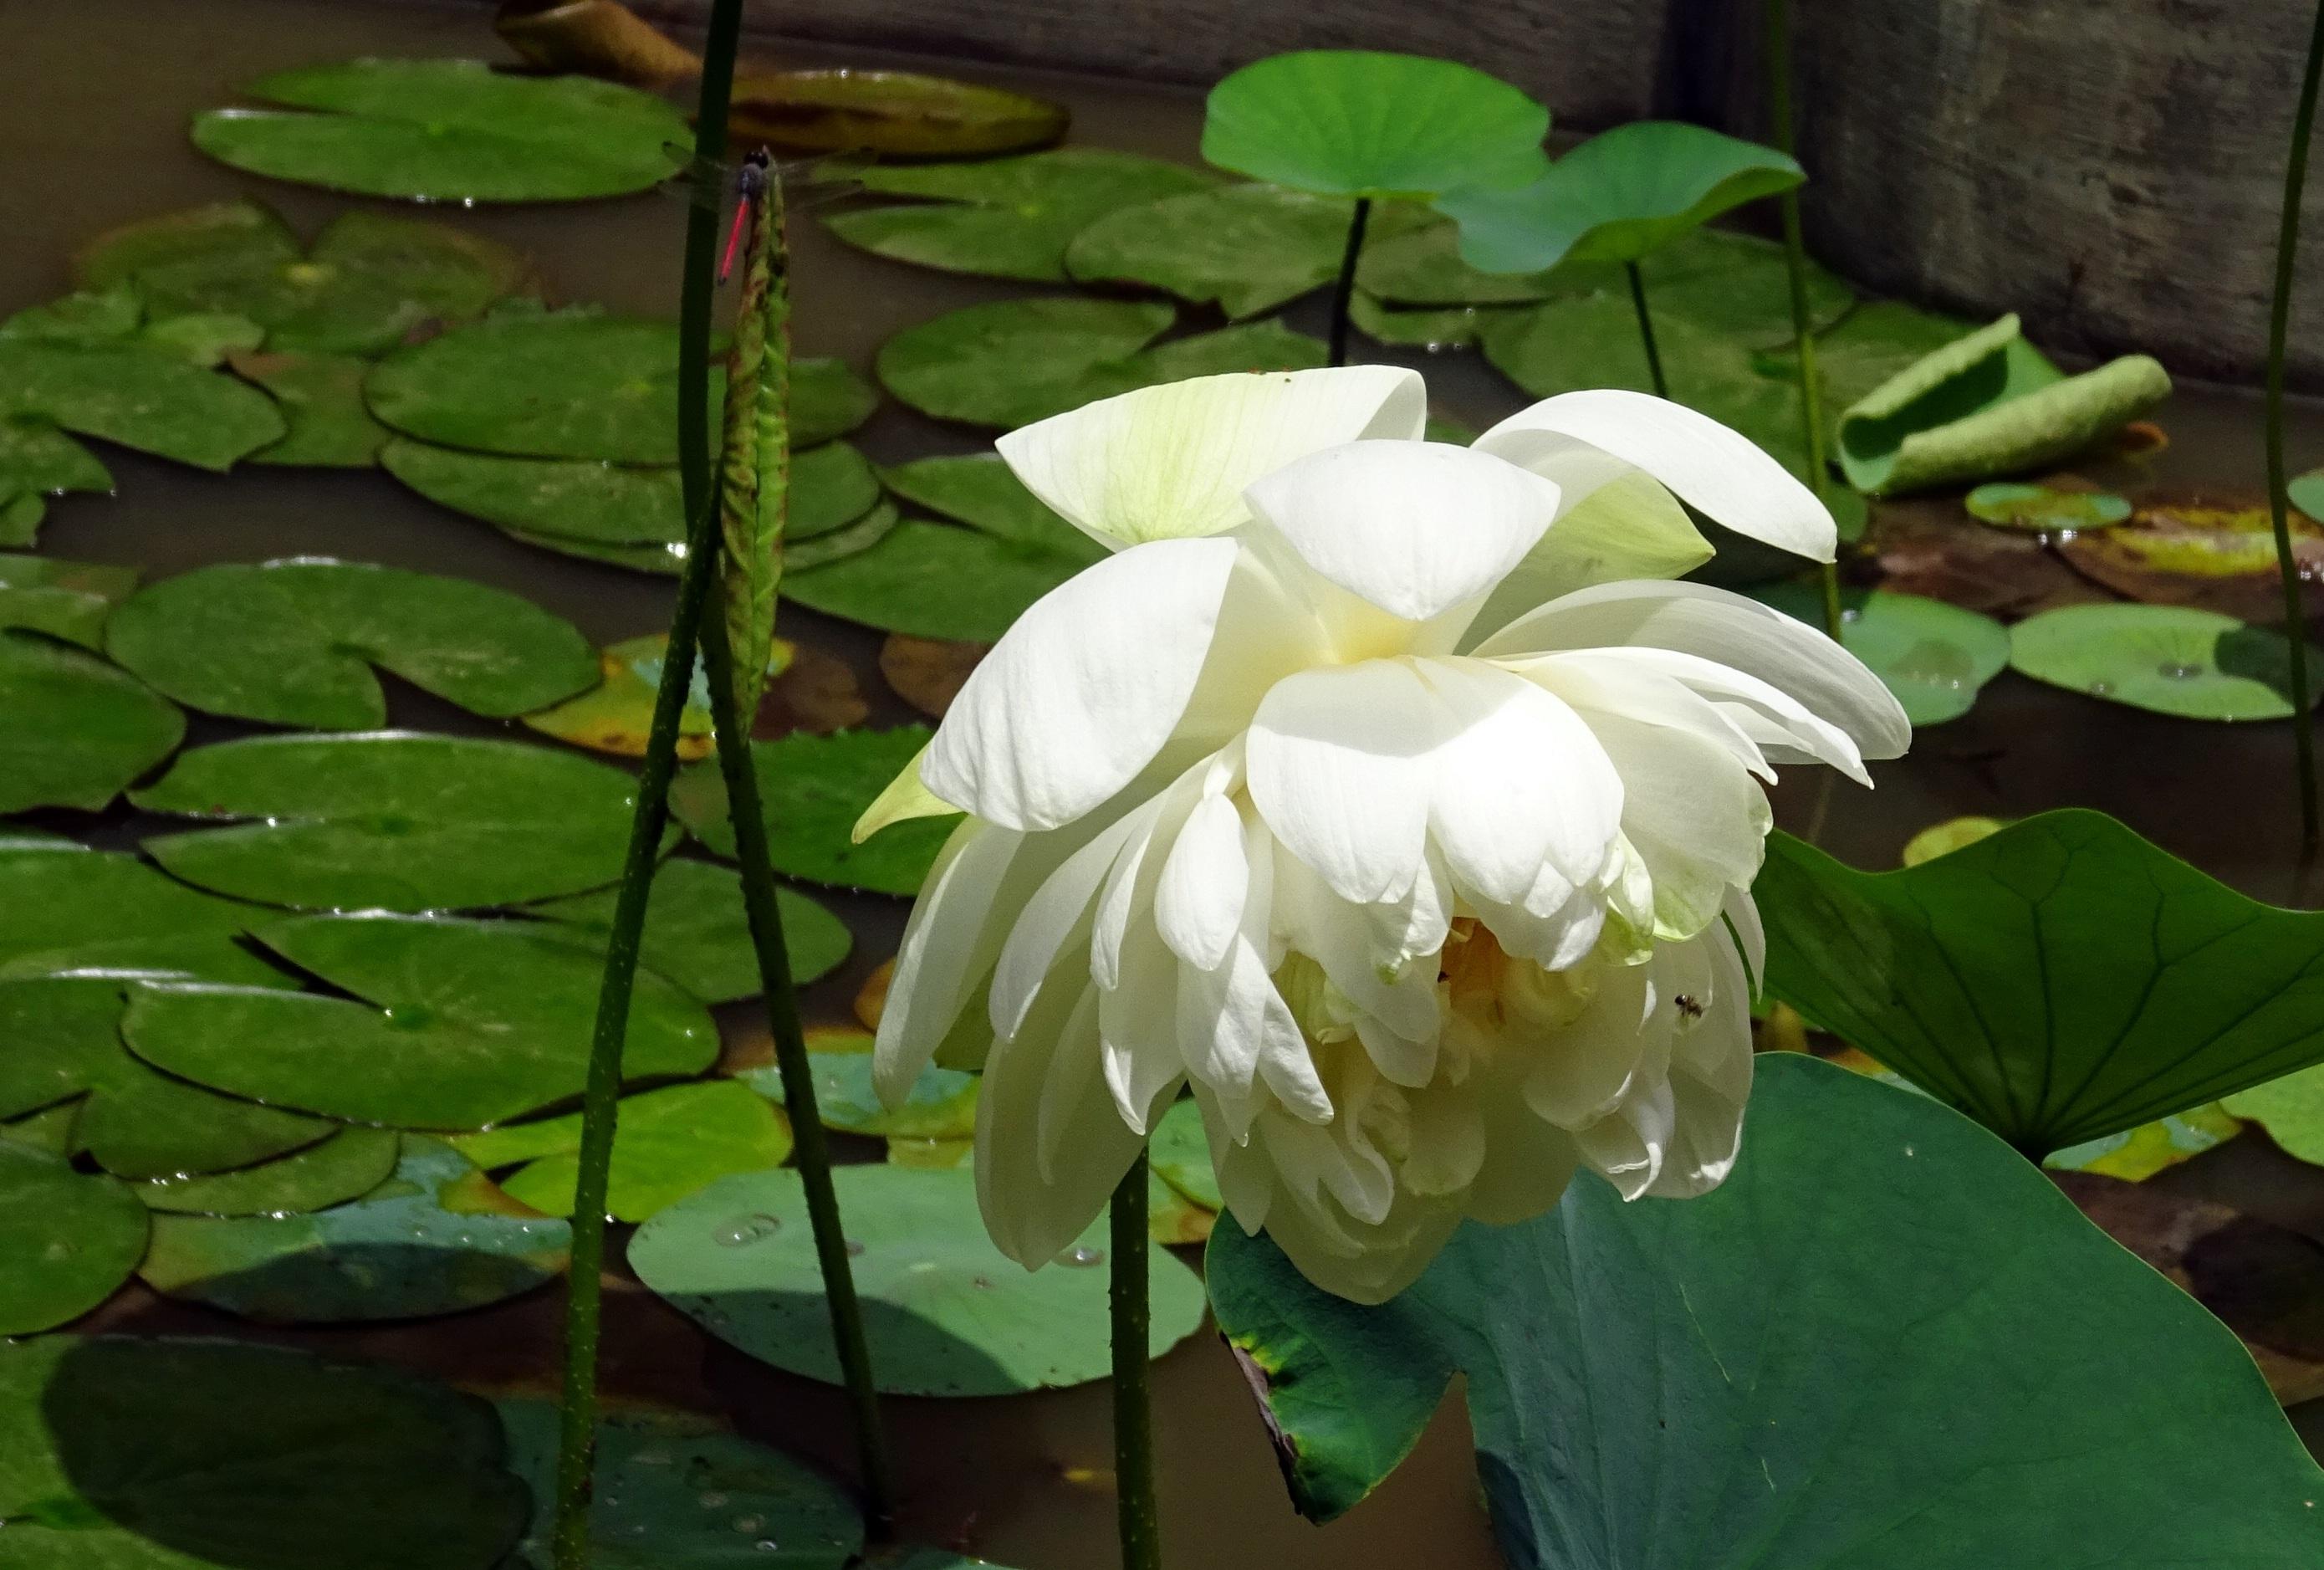 Free Images White Flower Petal Pond Green Botany Nelumbo